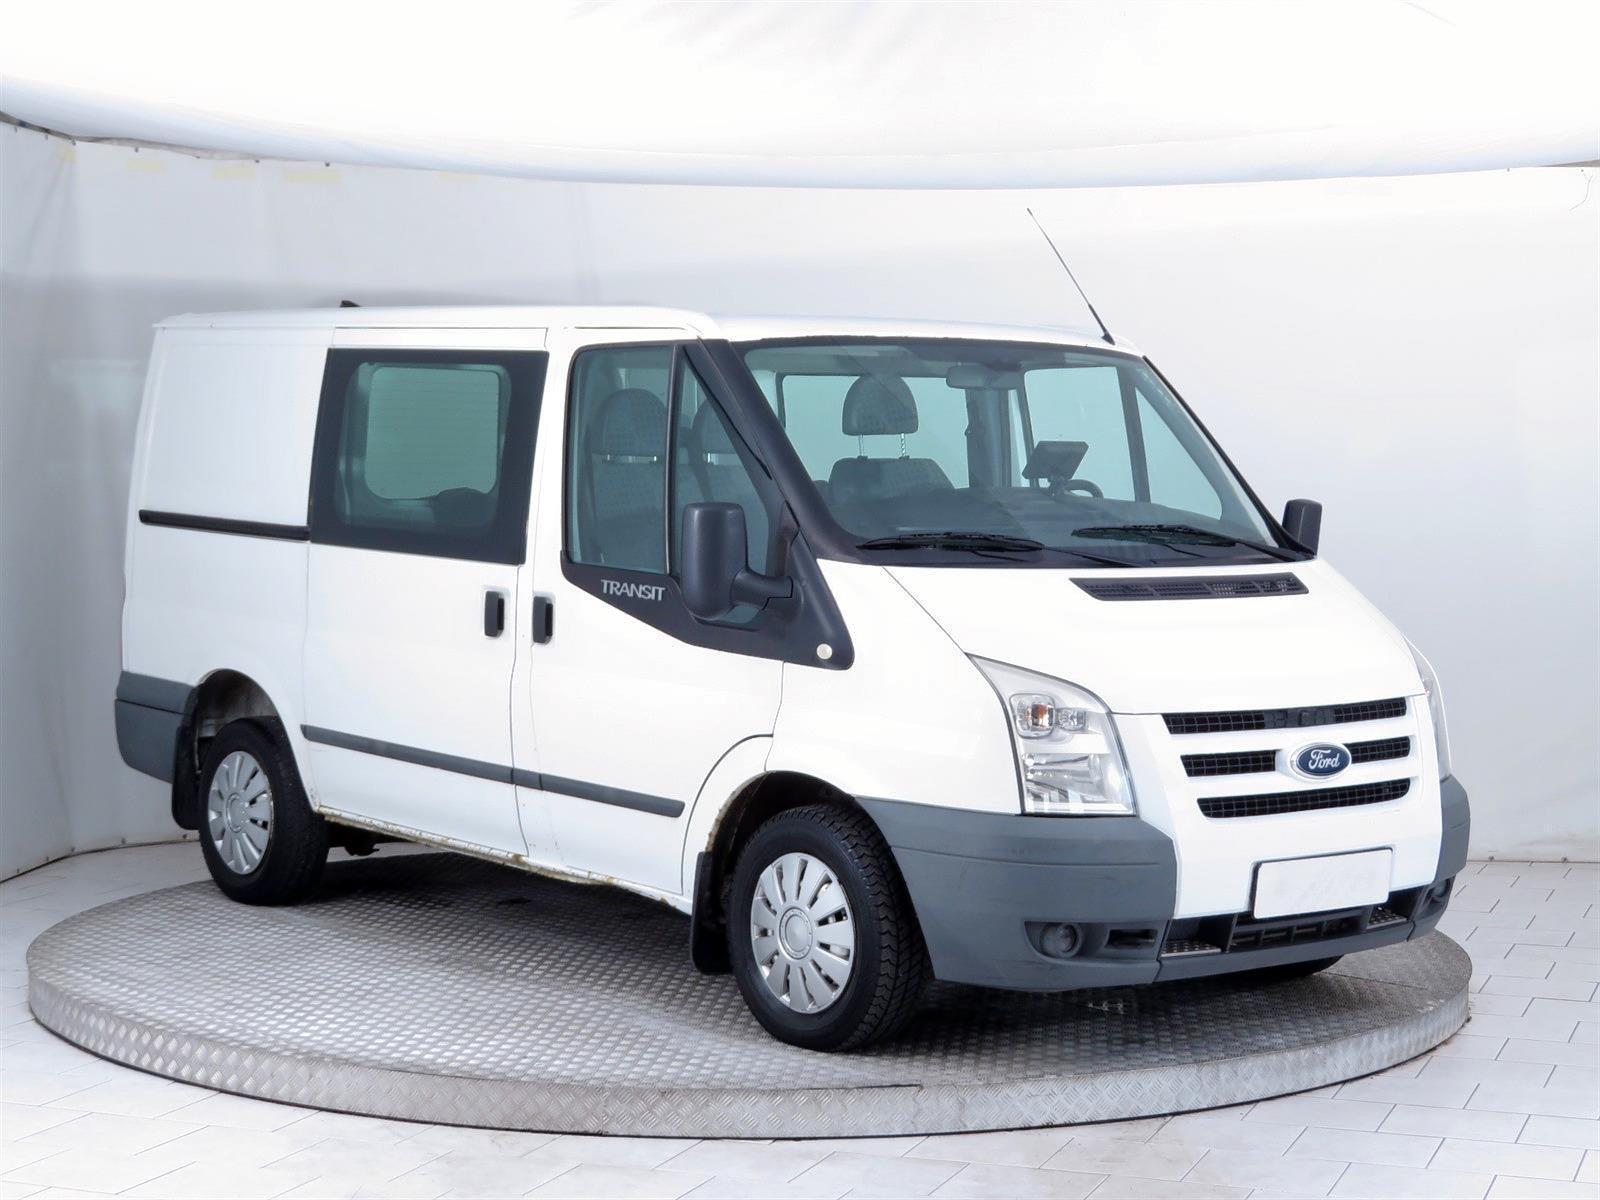 Ford Transit 2.2 TDCi 85kW užitkové nafta